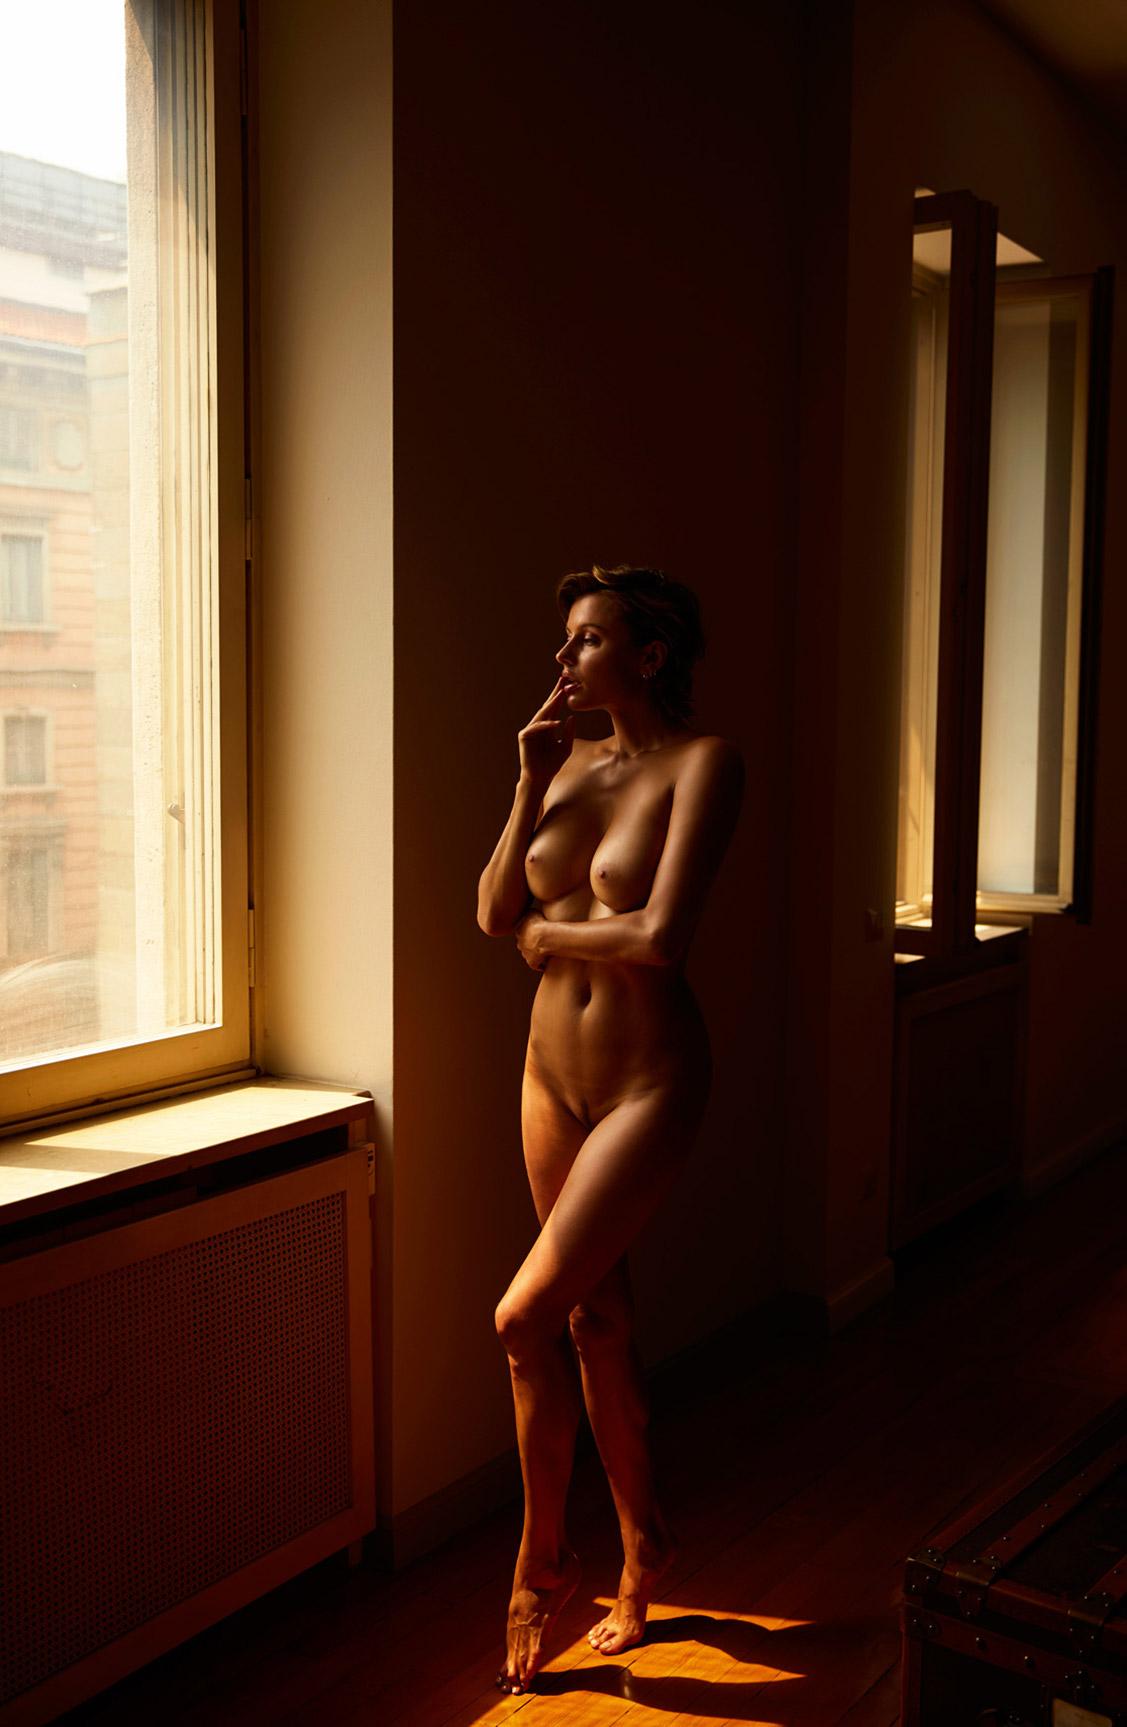 голая Ольга де Мар после наступления темноты / фото 17